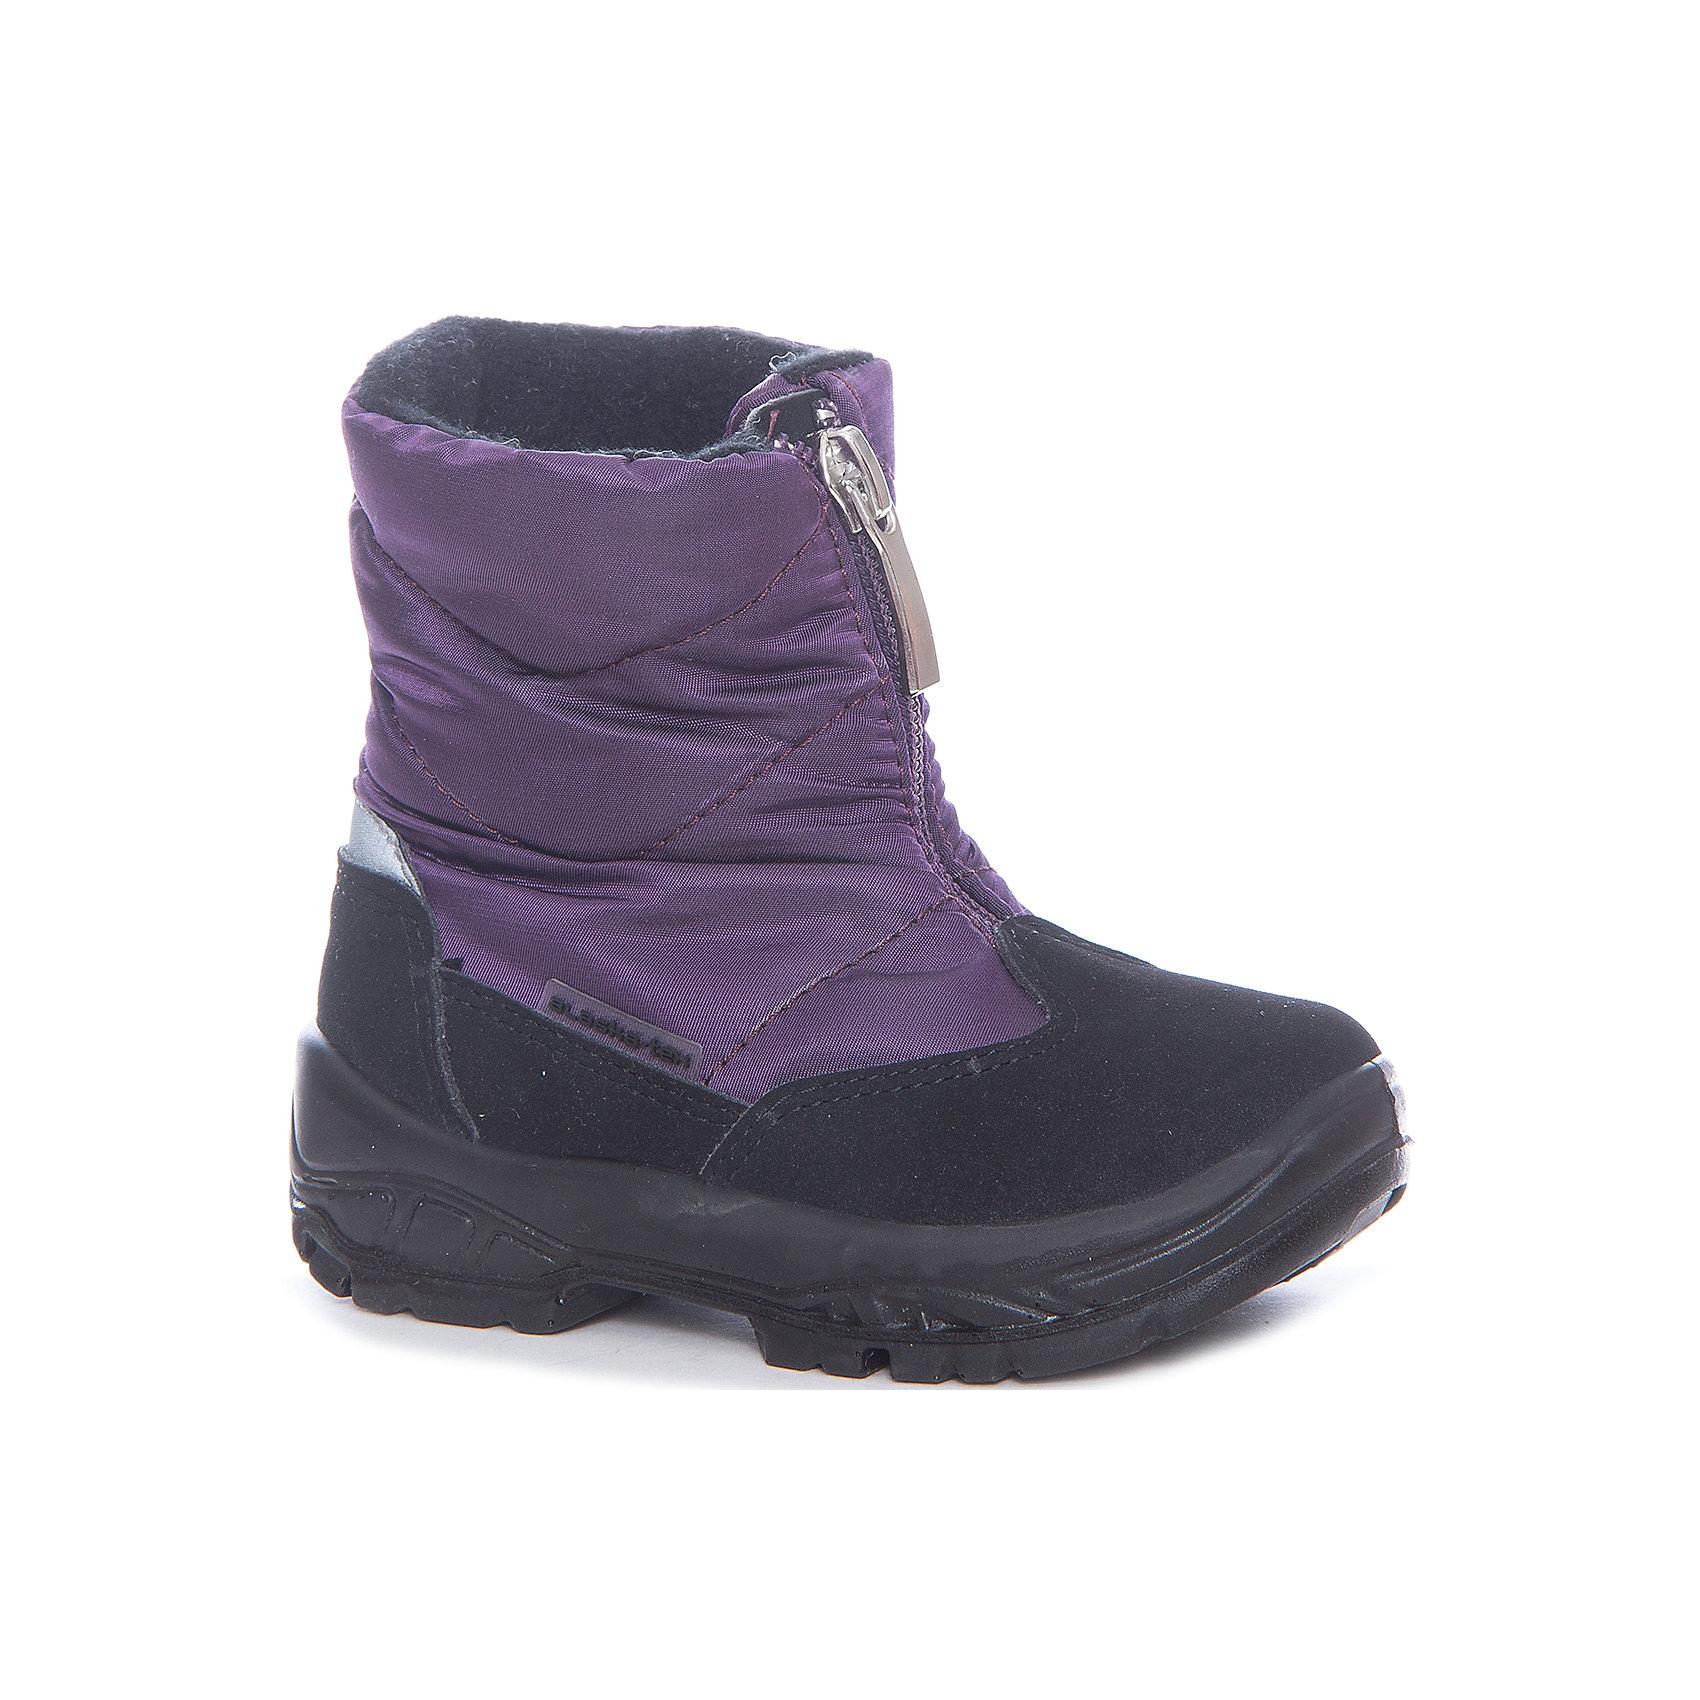 Сапоги Alaska Originale для девочкиСапоги<br>Характеристики товара:<br><br>• цвет: фиолетовый<br>• внешний материал: текстиль<br>• внутренний материал: натуральная шерсть/искусственный мех<br>• стелька: натуральная шерсть/искусственный мех<br>• подошва: полимер<br>• сезон: зима<br>• мембранные<br>• водонепроницаемая пропитка верха<br>• температурный режим: от -30 до 0<br>• защита мыса<br>• подошва не скользит<br>• застежка: молния<br>• анатомические <br>• страна бренда: Испания<br>• страна изготовитель: Румыния <br><br>Обращаем ваша внимание, что во всех сапогах Alaska Originale до 27 размера включительно внутренний материал – натуральная шерсть, начиная с 28 размера – искусственный мех.<br><br>Детская мембранная обувь позволяет ногам дышать, при этом призвана защитить их от ветра, холода и влаги. Такие сапоги для девочки имеют не только стильный проработанный дизайн, но и отлично подходят для погодных условий русской зимы.<br><br>Товары итальянской компании Alaska Originale - это высокотехнологичное производство и европейский дизайнеры. В каждой модели обуви проработаны все нюансы для обеспечения высокой степени комфорта.<br><br>Сапоги Alaska Originale для девочки (Аляска Ориджинал) можно купить в нашем интернет-магазине.<br><br>Ширина мм: 257<br>Глубина мм: 180<br>Высота мм: 130<br>Вес г: 420<br>Цвет: лиловый<br>Возраст от месяцев: 15<br>Возраст до месяцев: 18<br>Пол: Женский<br>Возраст: Детский<br>Размер: 22,27,26,25,24,23<br>SKU: 6984934